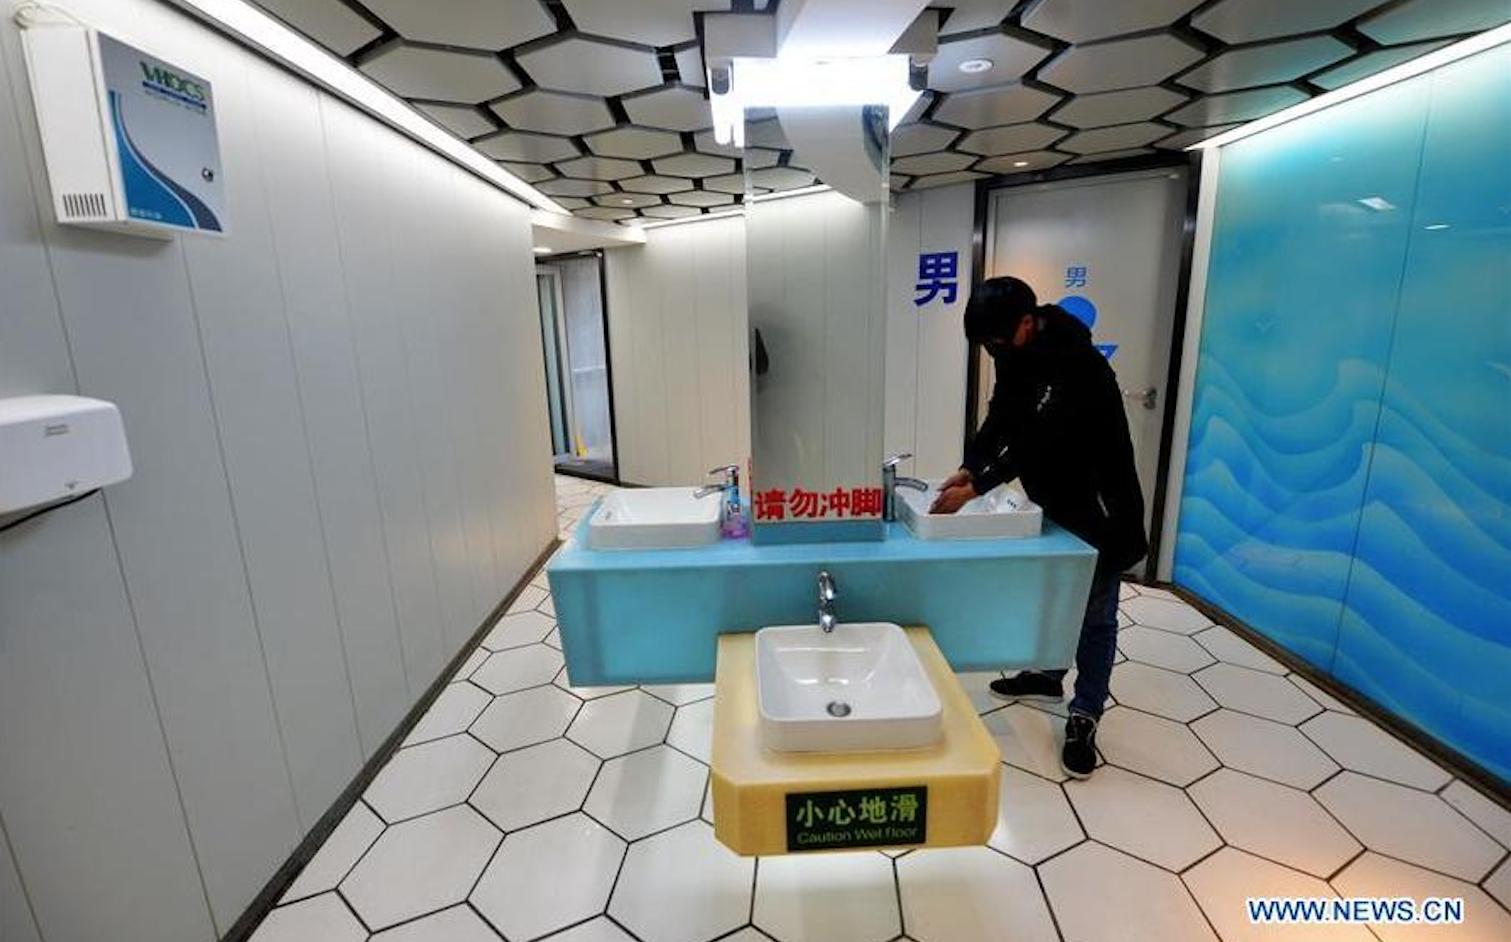 China se sensibiliza y promueve la 'revolución de los baños' en zonas rurales